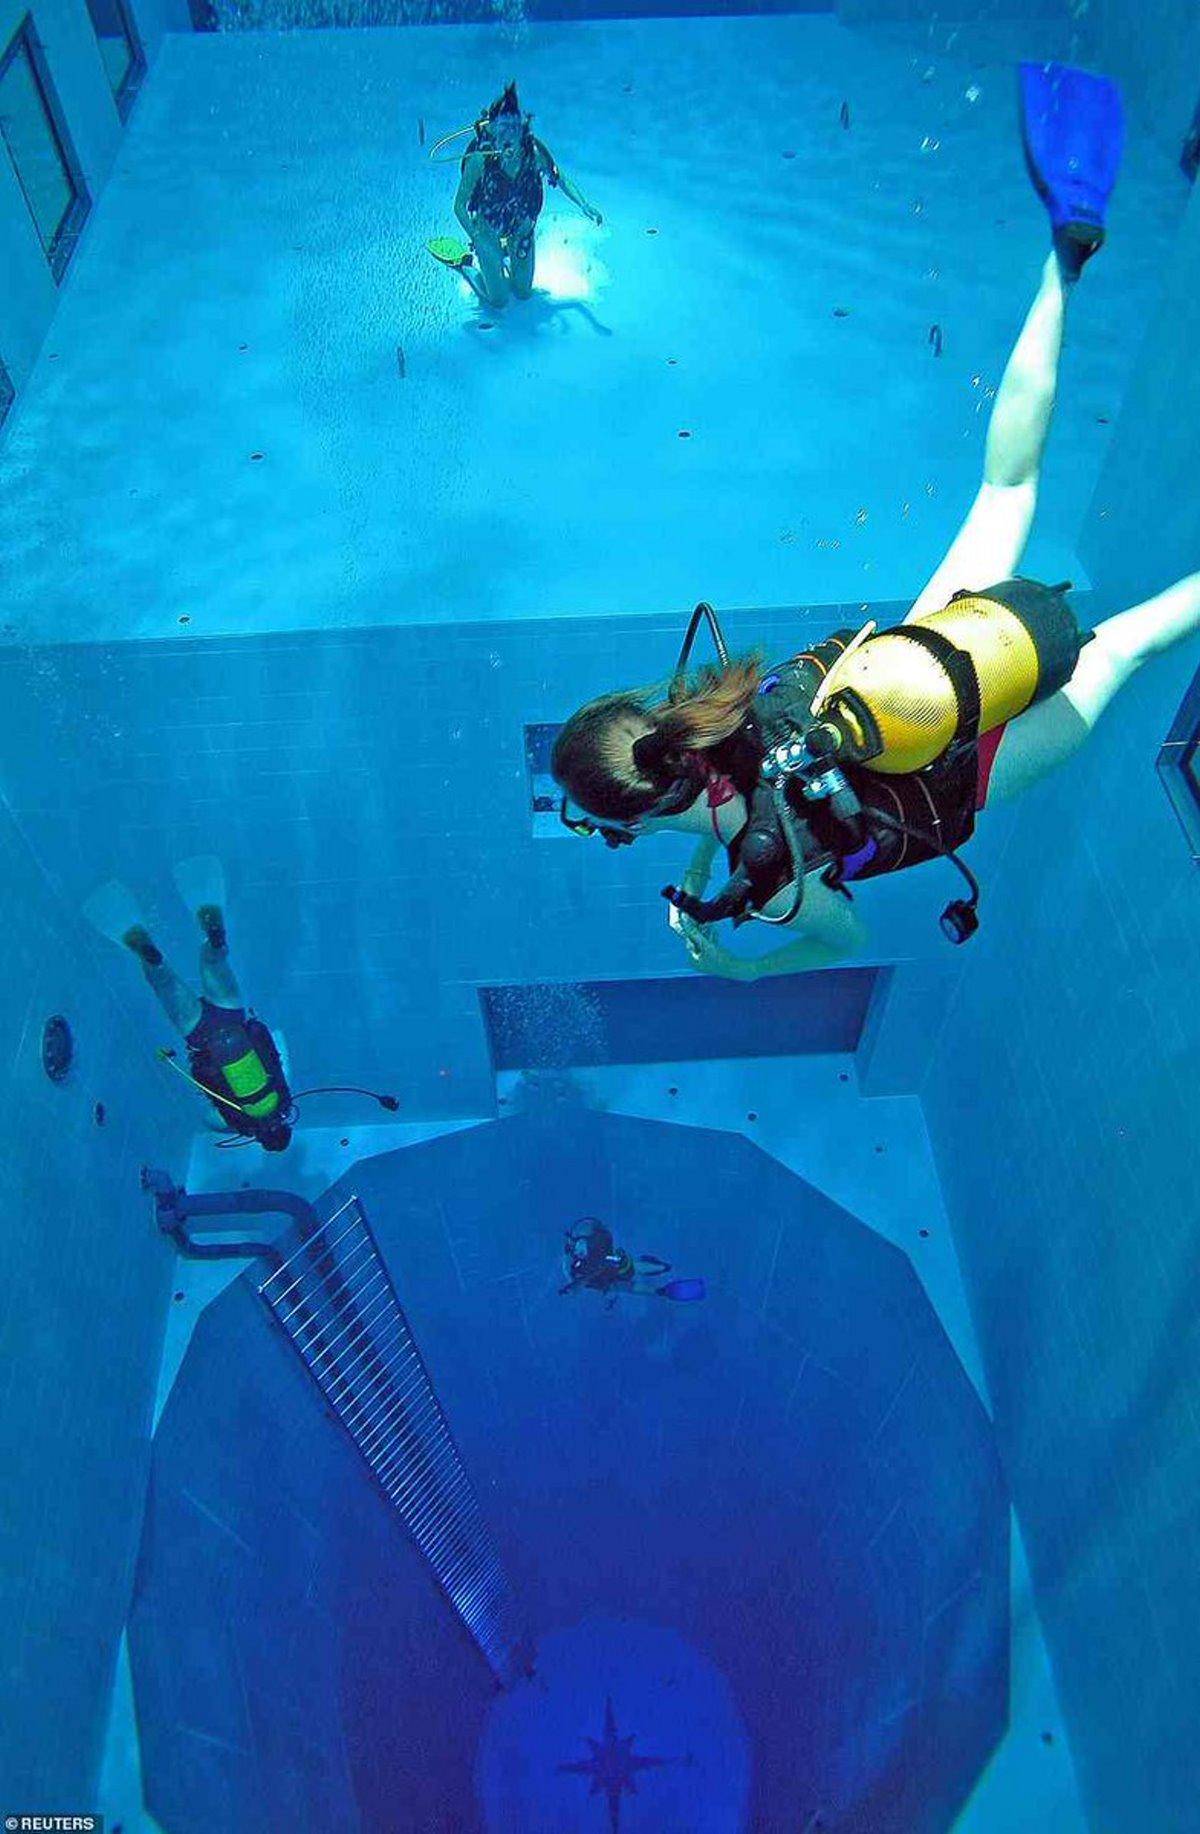 καταδύσεις στην Deepspot βαθύτερη πισίνα Πολωνία